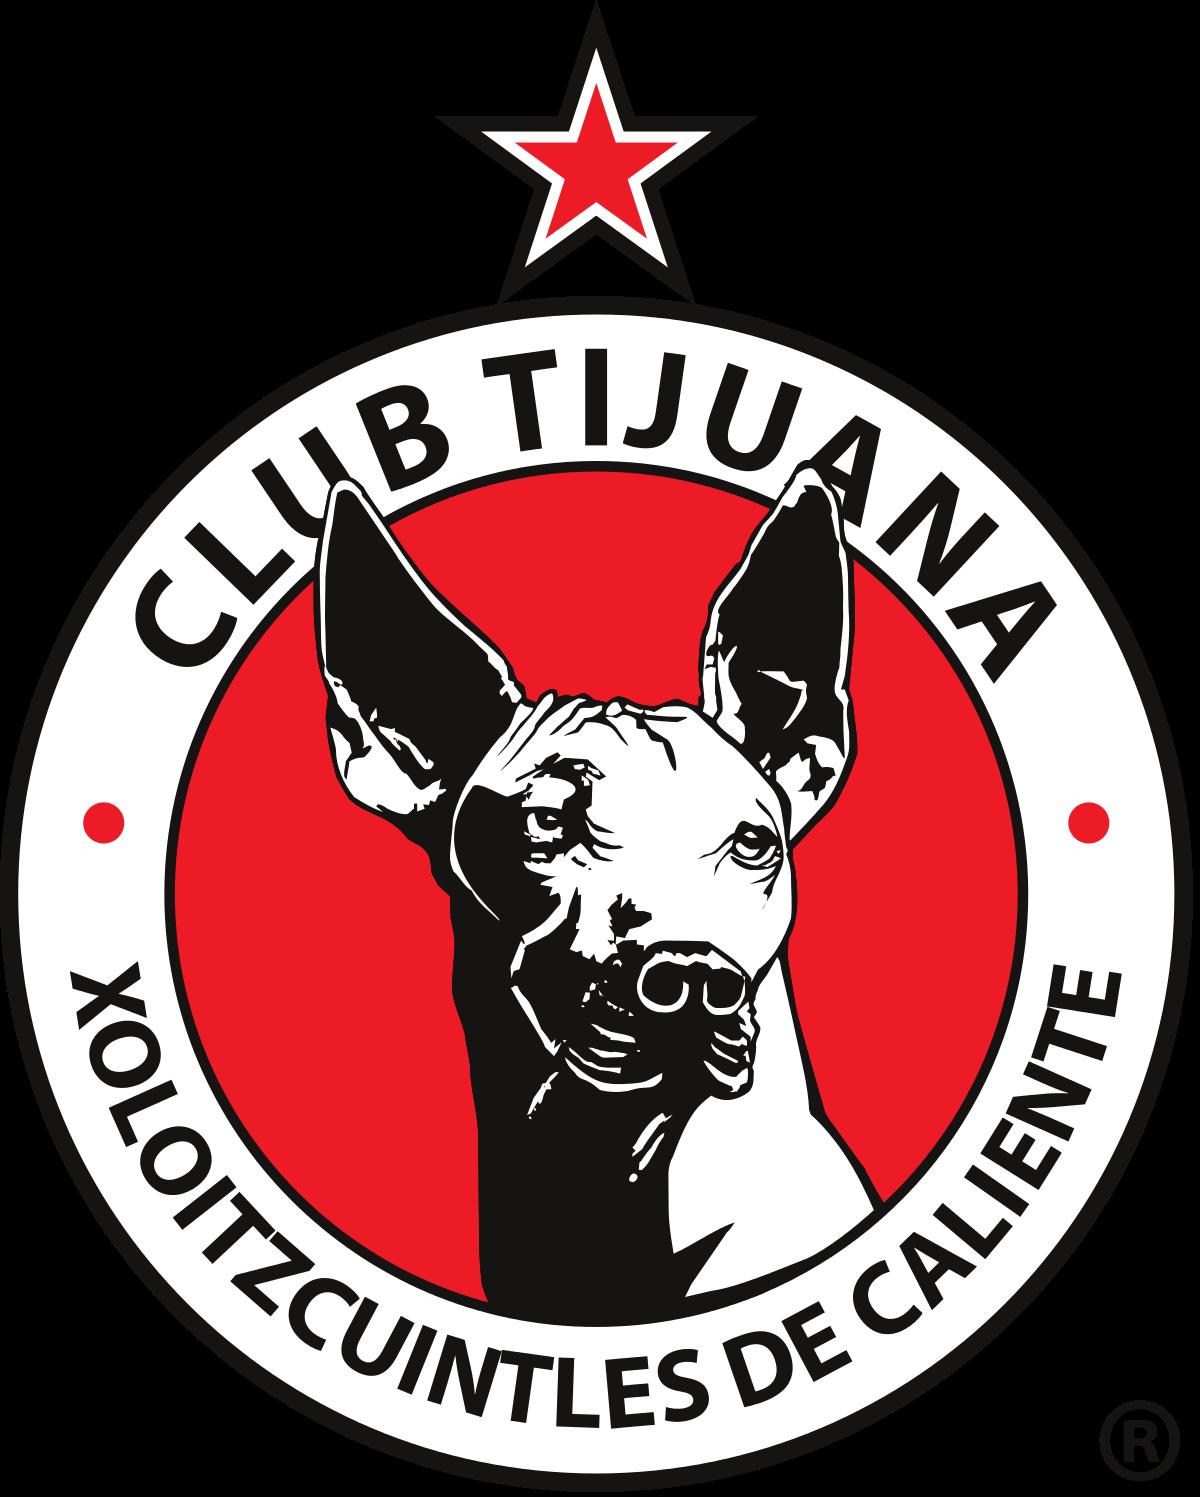 Pet clipart gog. Club tijuana wikipedia